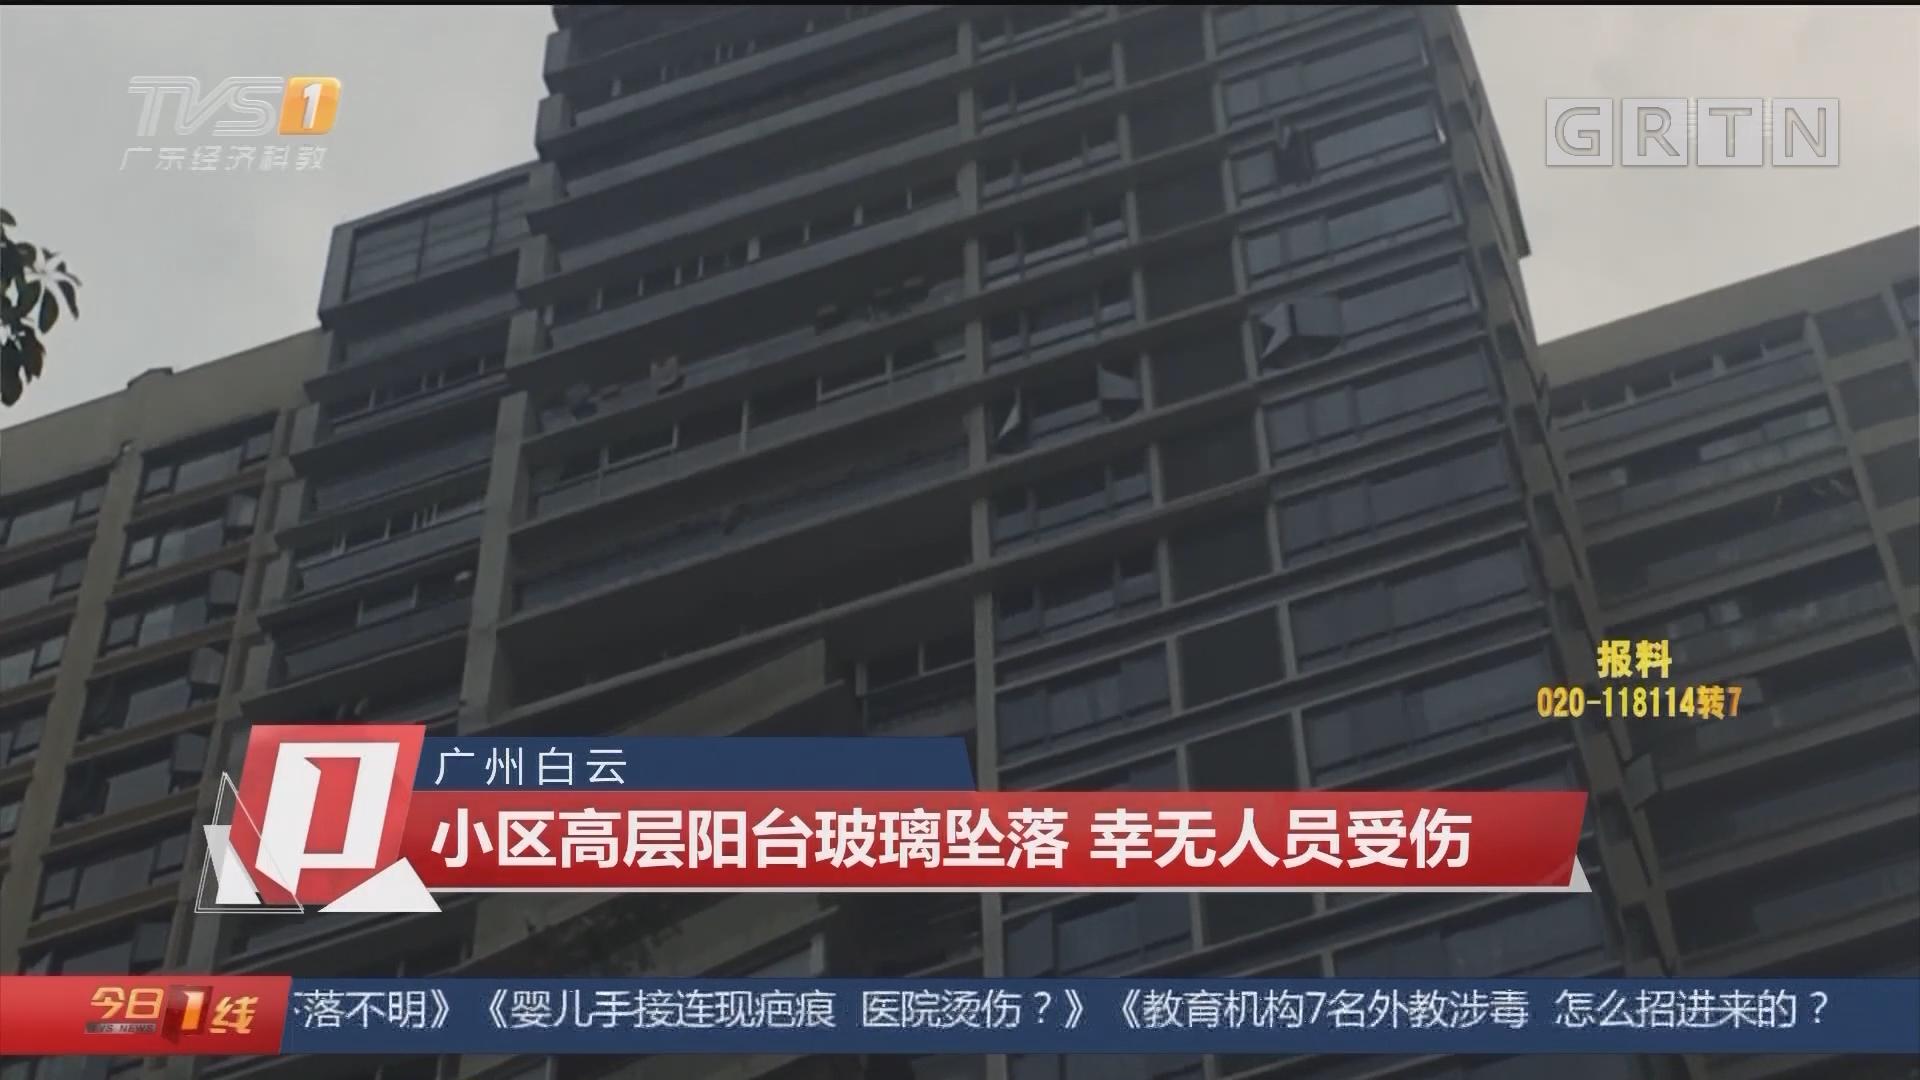 广州白云:小区高层阳台玻璃坠落 幸无人员受伤